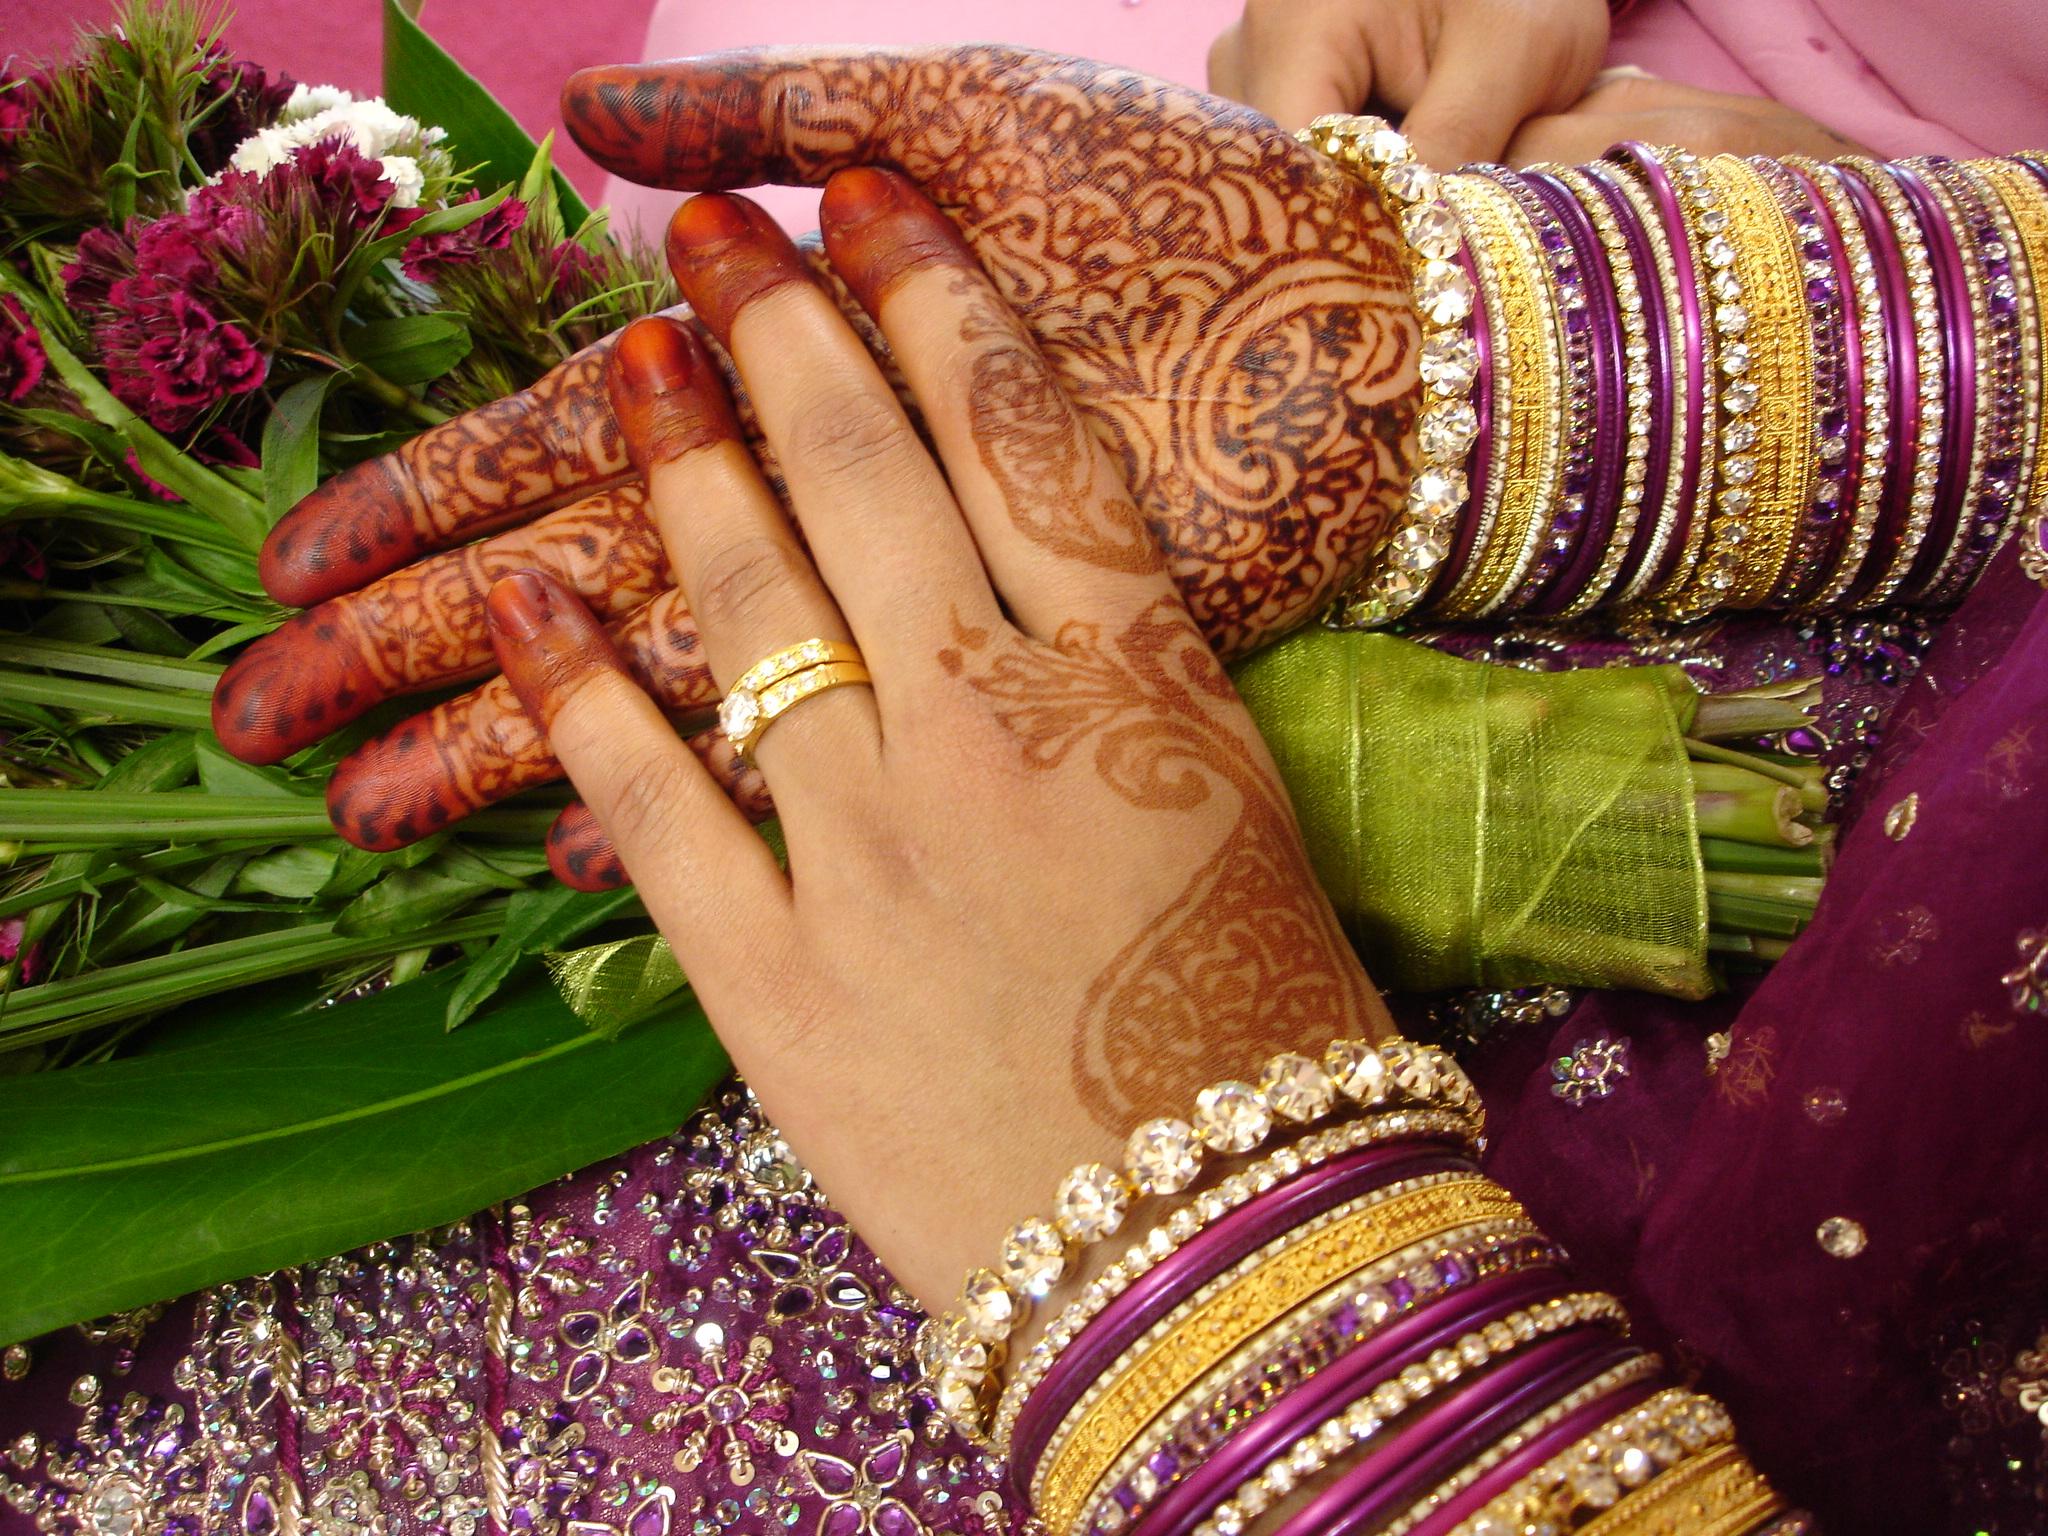 صور عيد الزواج (2)